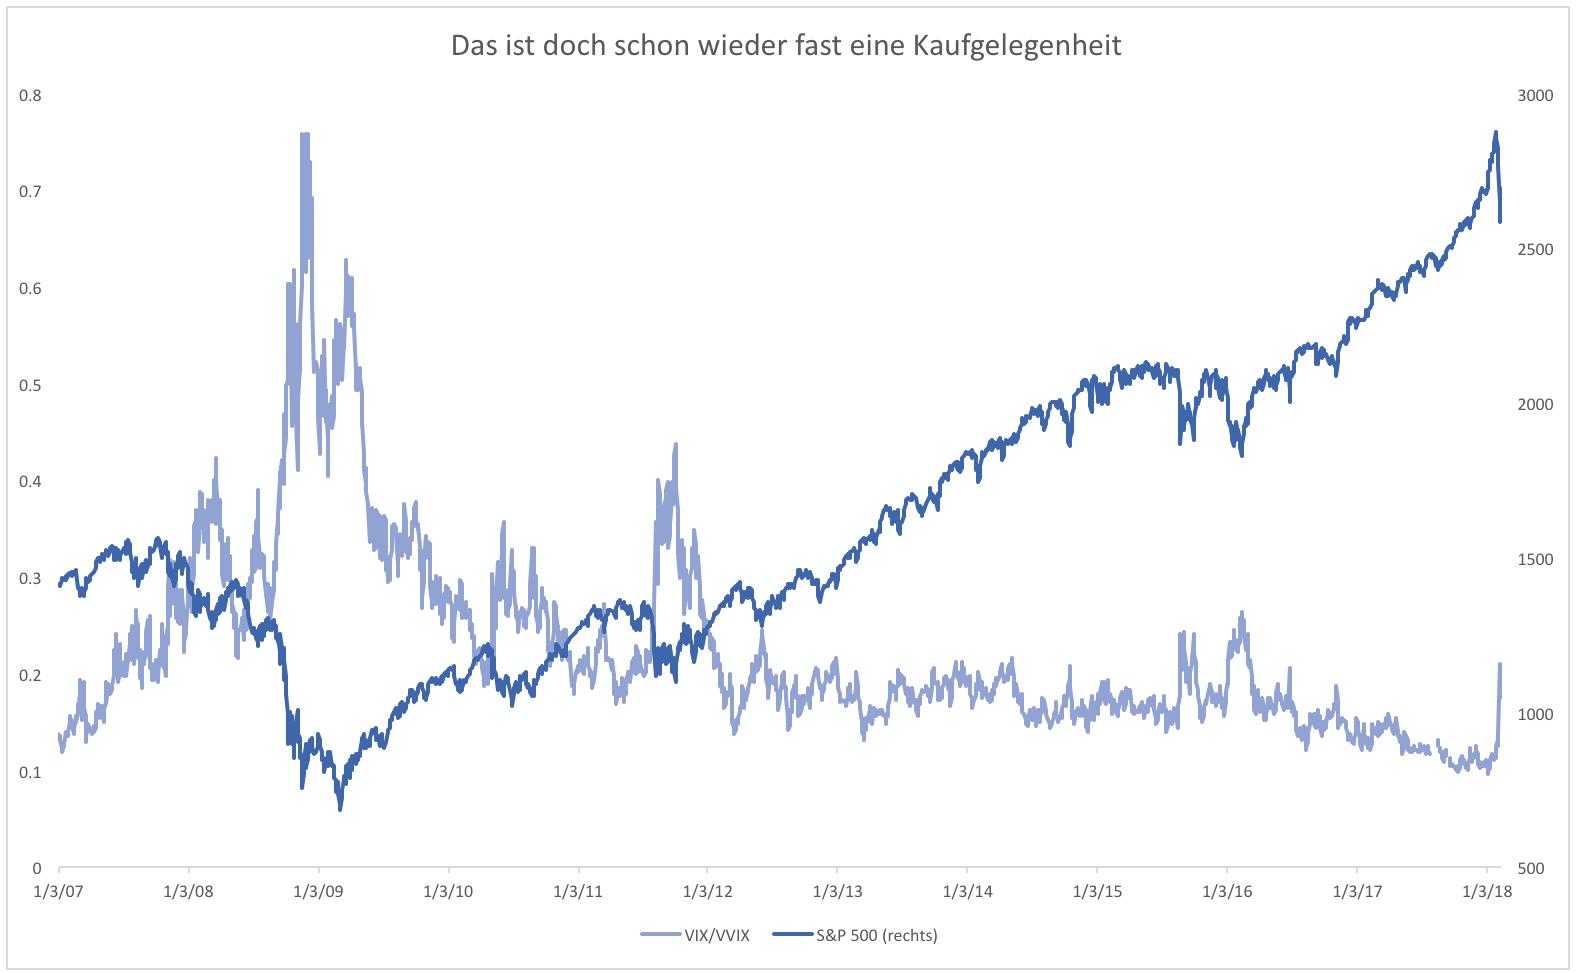 Ein Blick auf die Zahl der direkten Aktionäre in Deutschland verdeutlicht zwar einen leicht positiven Trend in den letzten Jahren, gleichzeitig bedeutet die Zahl von 4,92 Millionen aus aber.